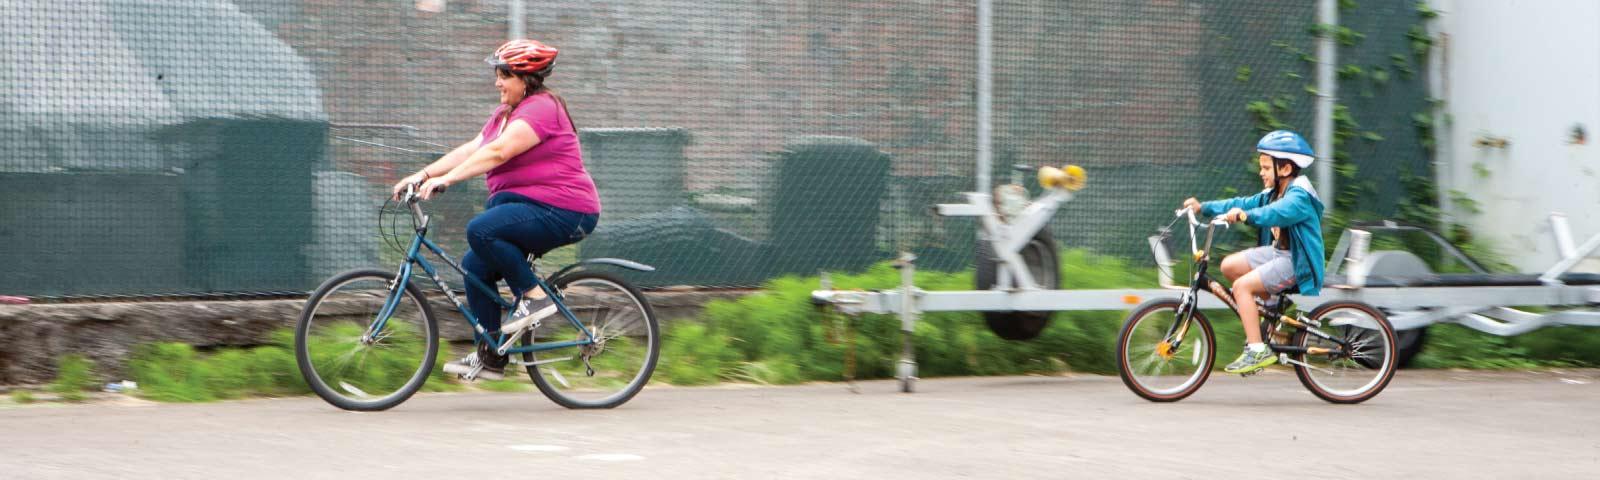 Bike Giveaways for Adults - Bike Works